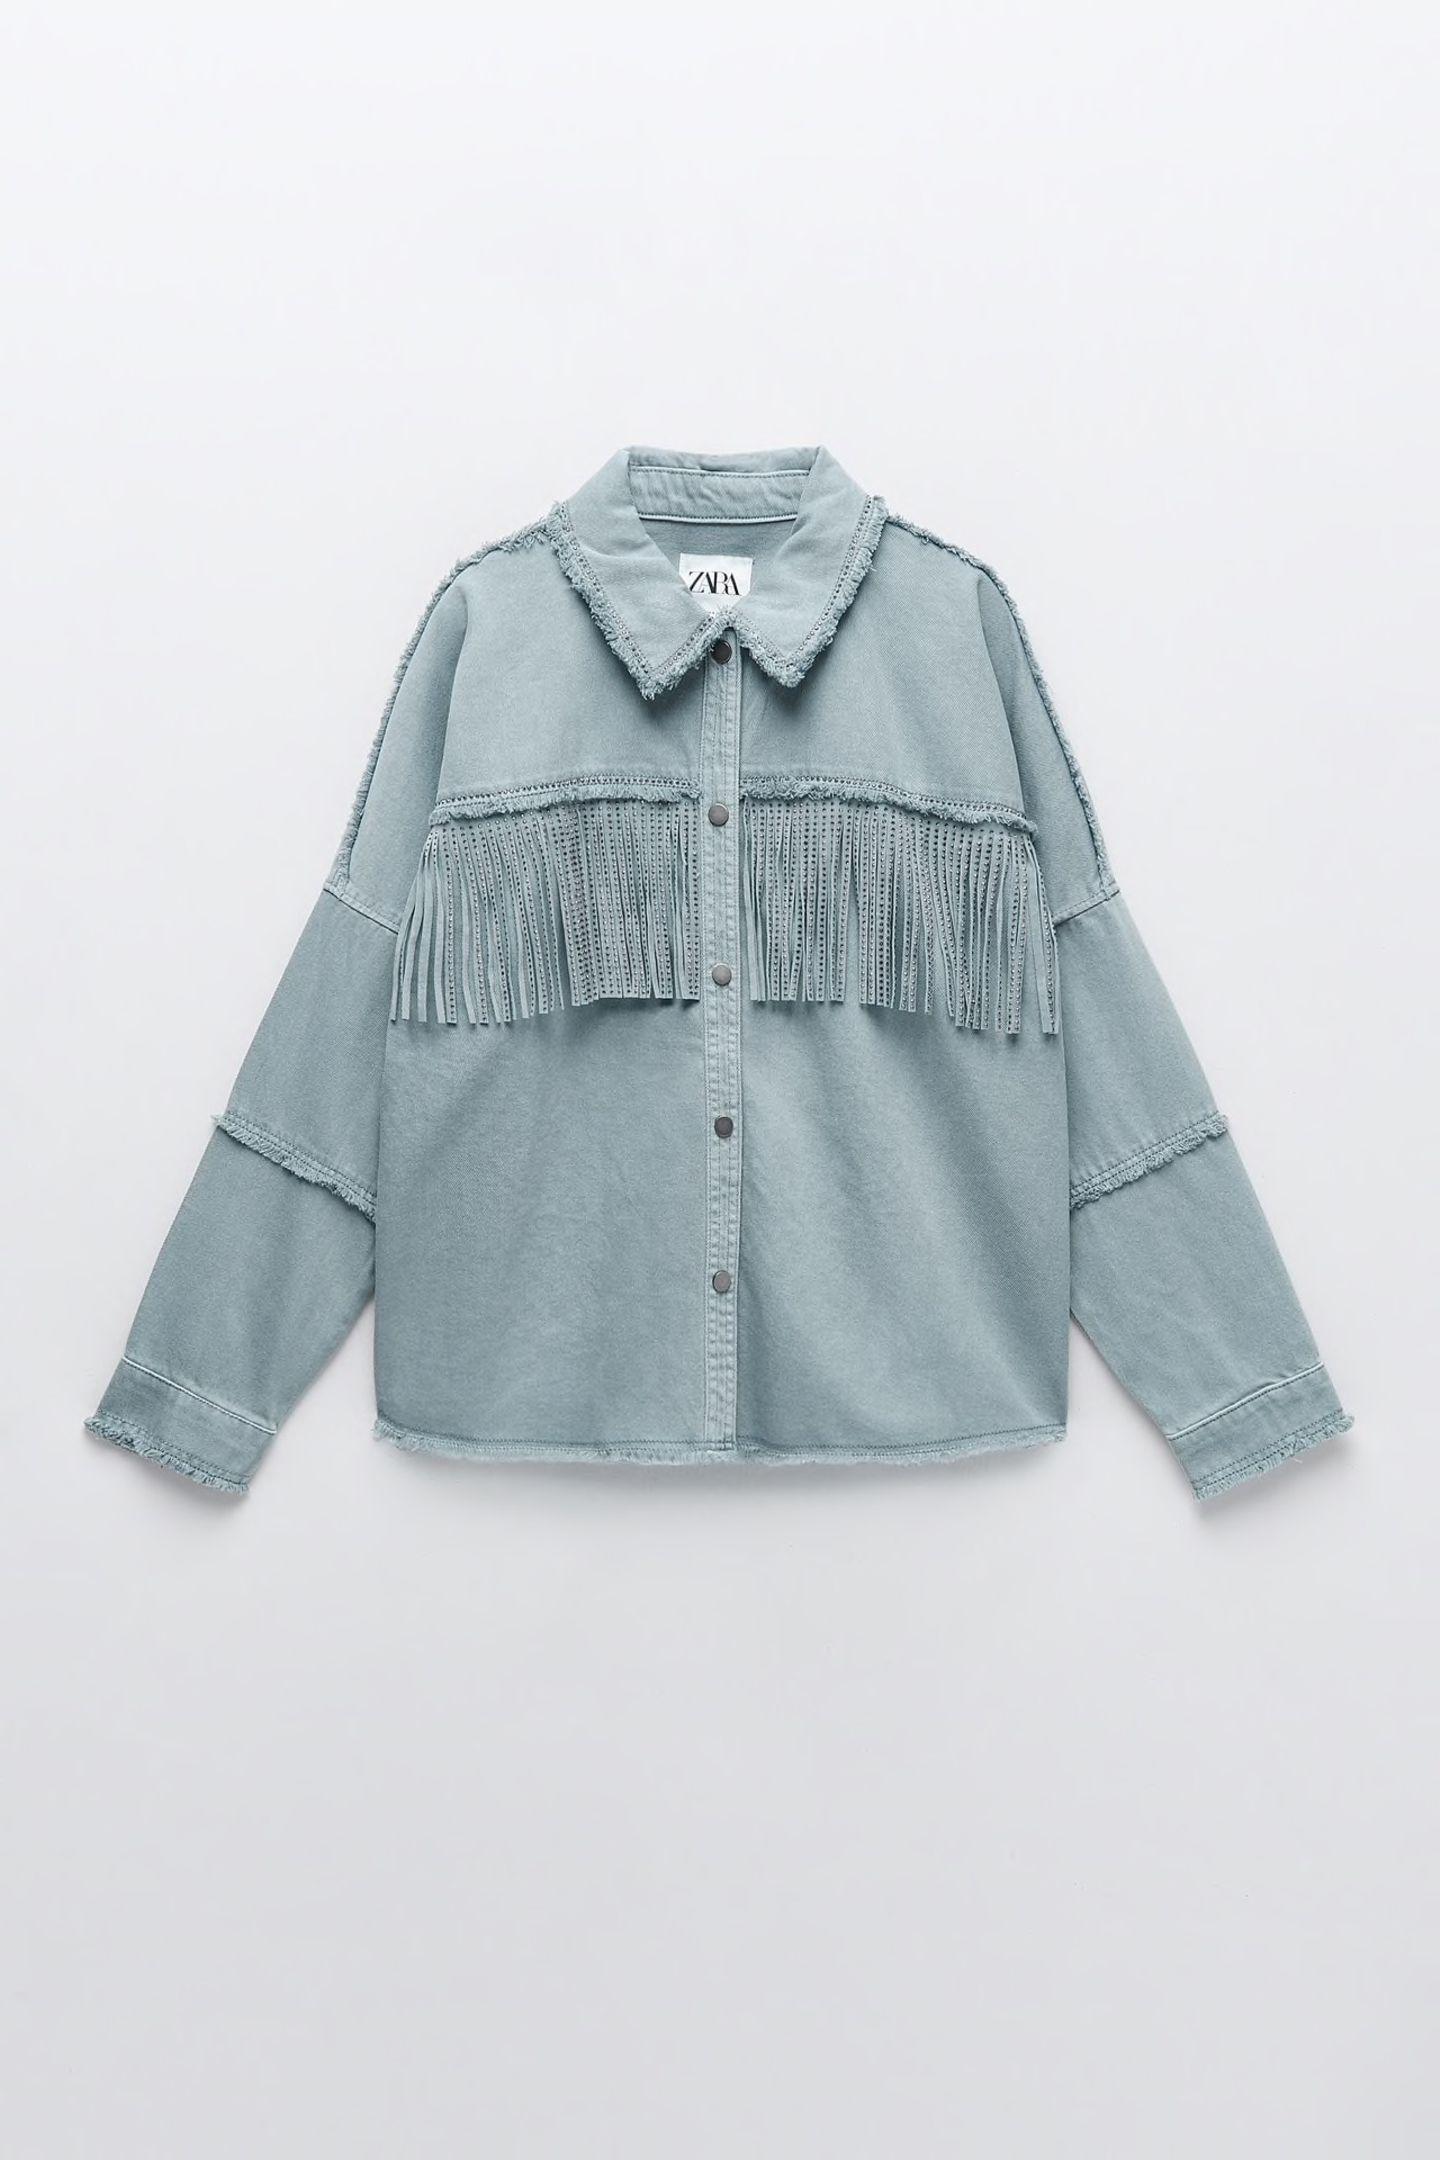 Diese coole Jacke im Western-Style wandertsofort auf unsere Wunschliste. Die süßen Glitzerdetails geben ihr das gewisse Etwas. Von Zara, circa 50 Euro.